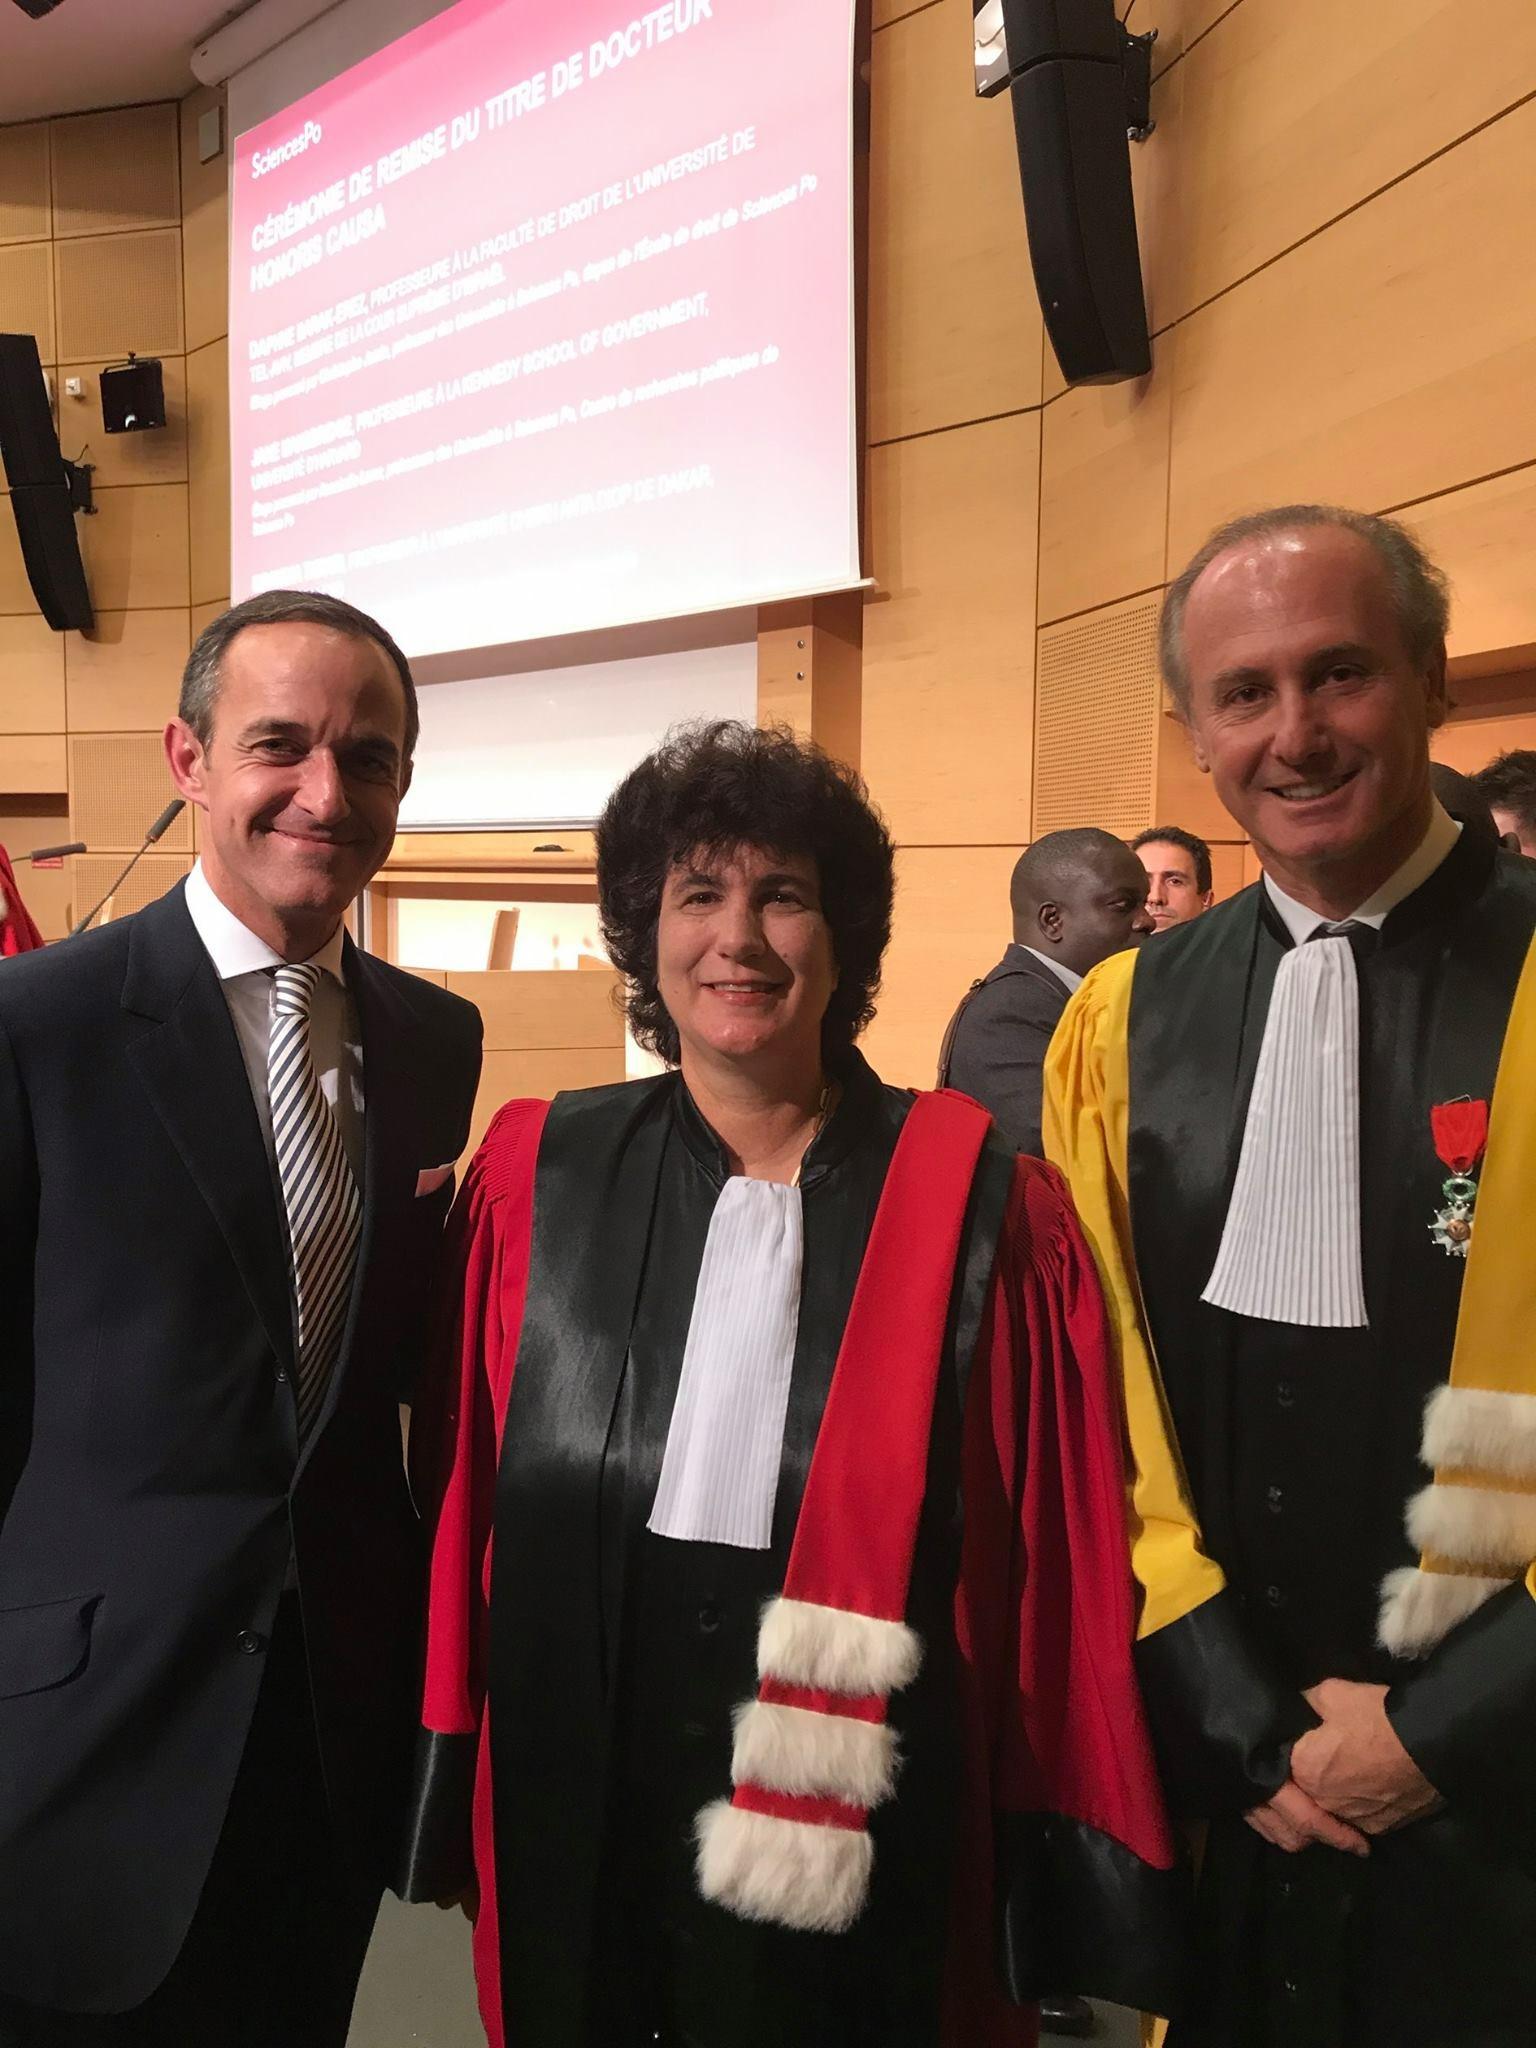 Une juge de la Cour Suprême d'Israël nommée docteur honoris causa de Sciences Po